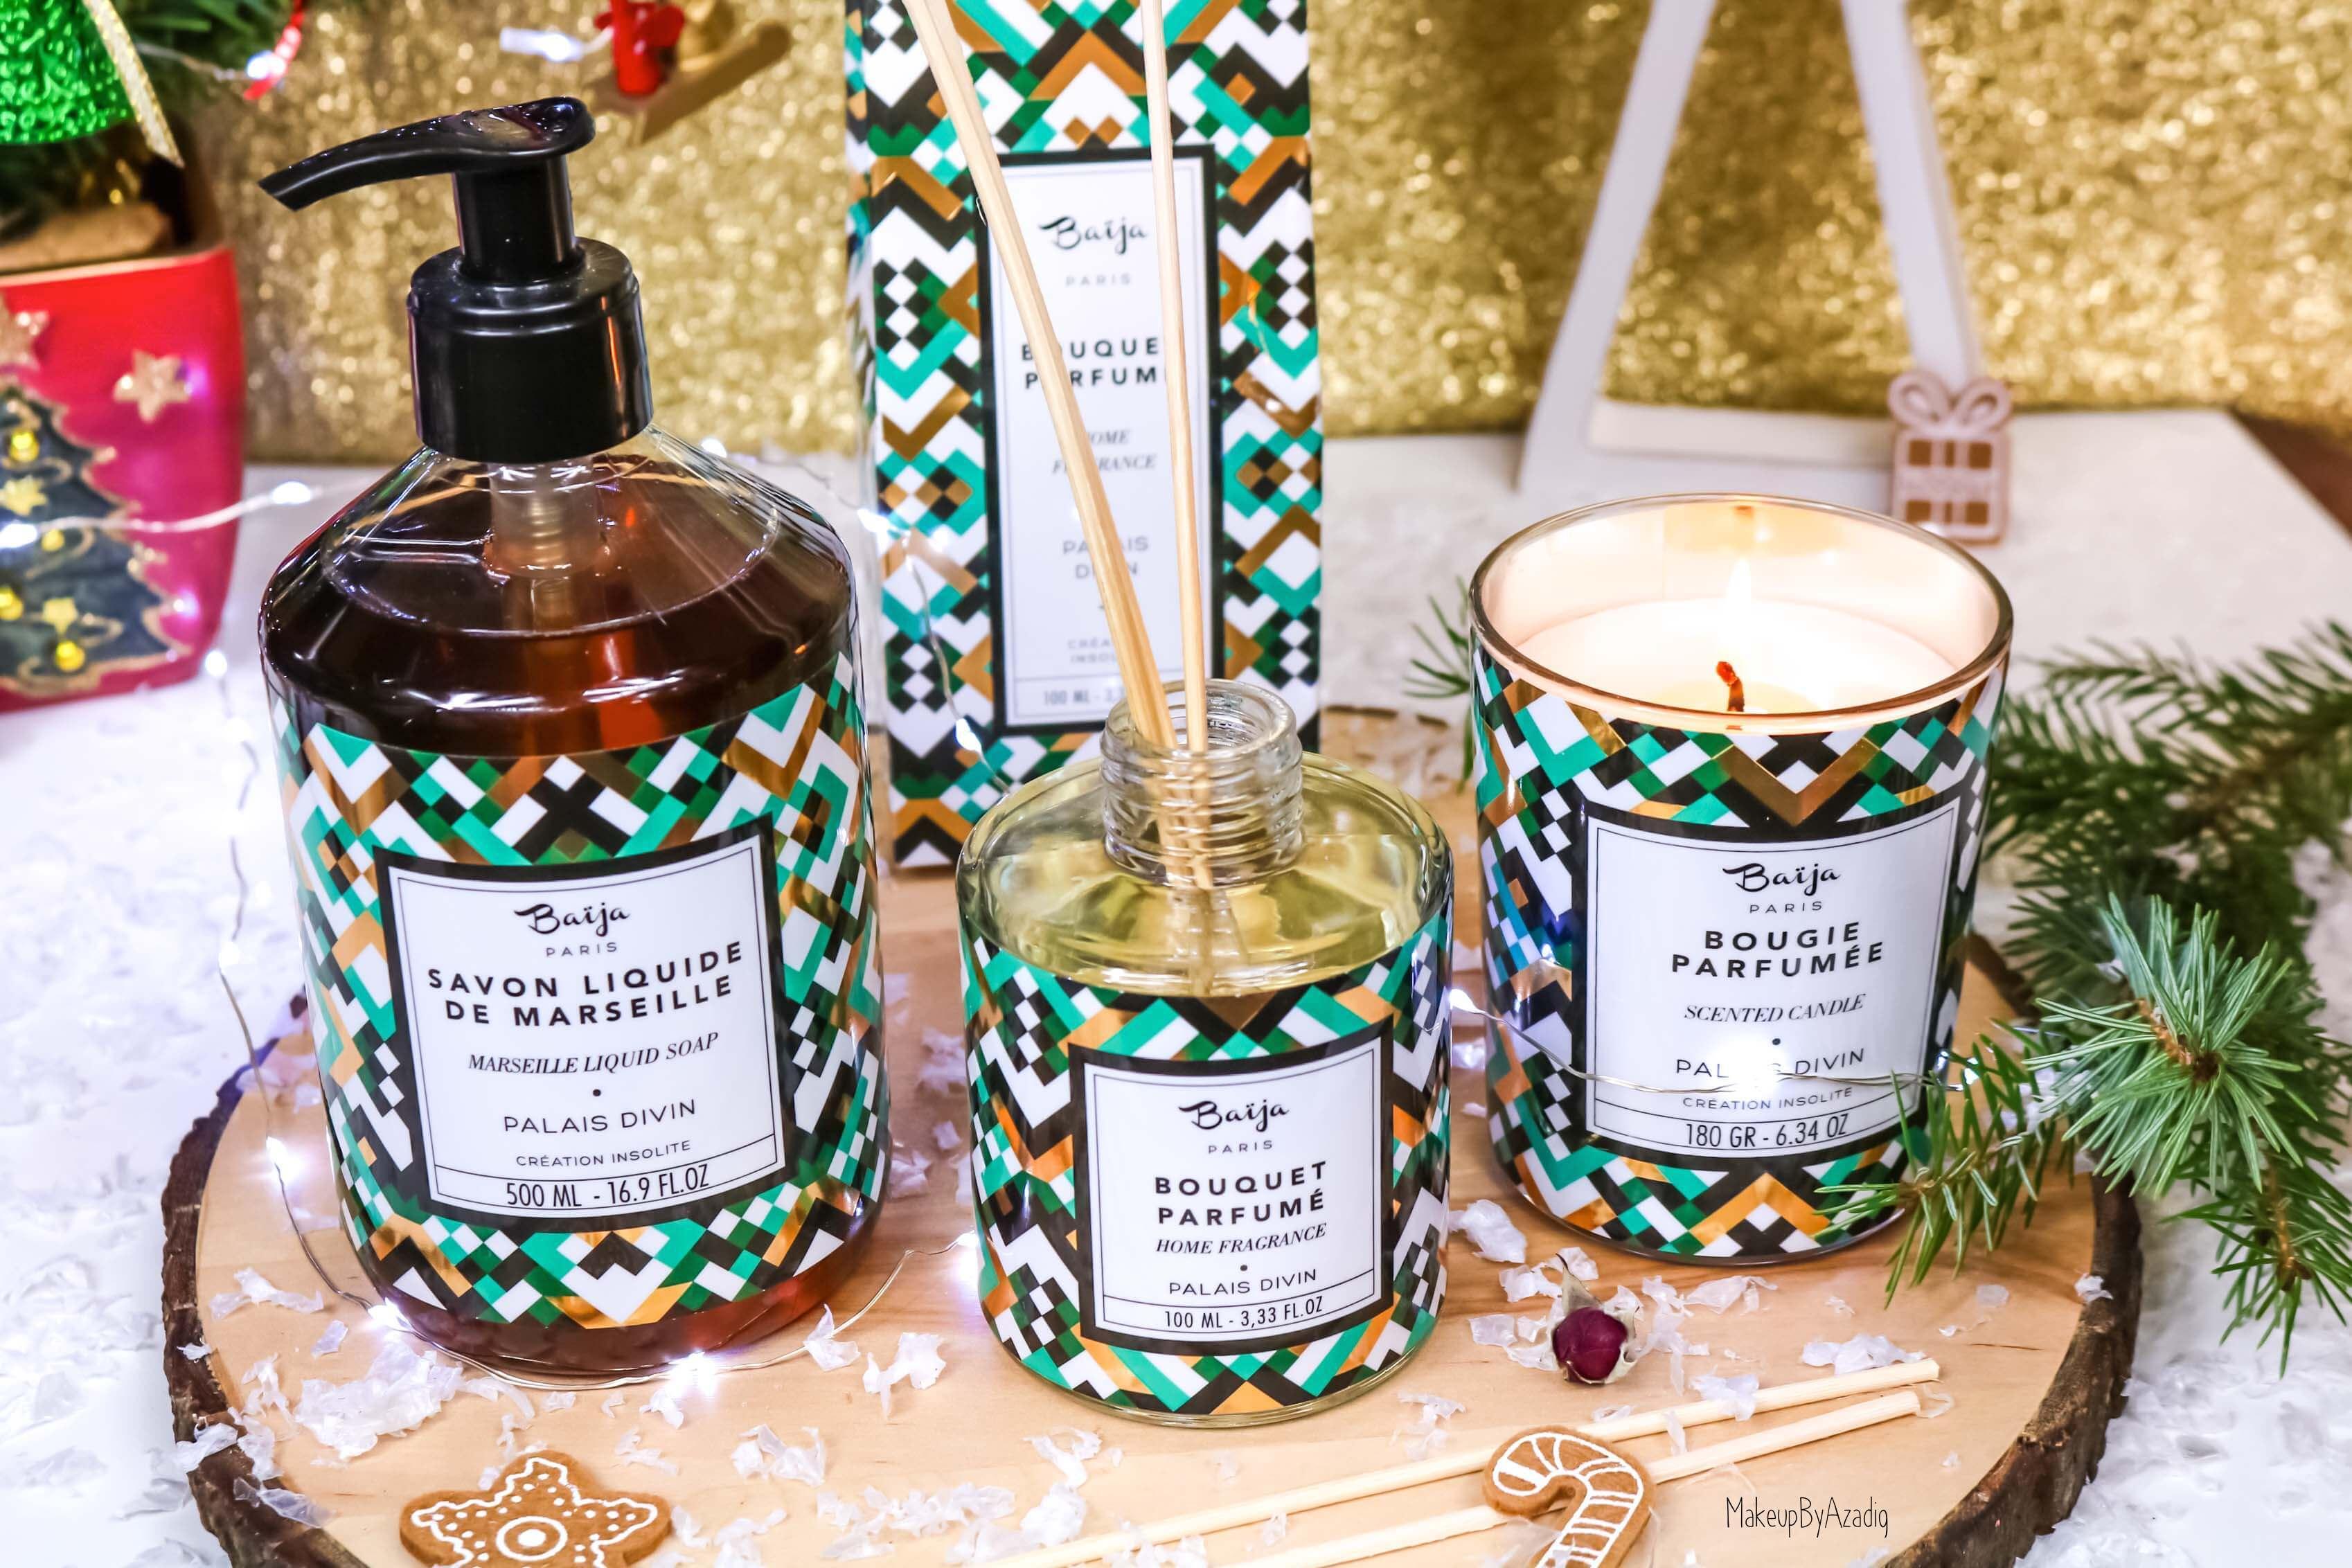 nouveaute-parfum-interieur-maison-baija-palais-divin-ambre-vanille-bougie-savon-marseille-bouquet-avis-prix-makeupbyazadig-chic